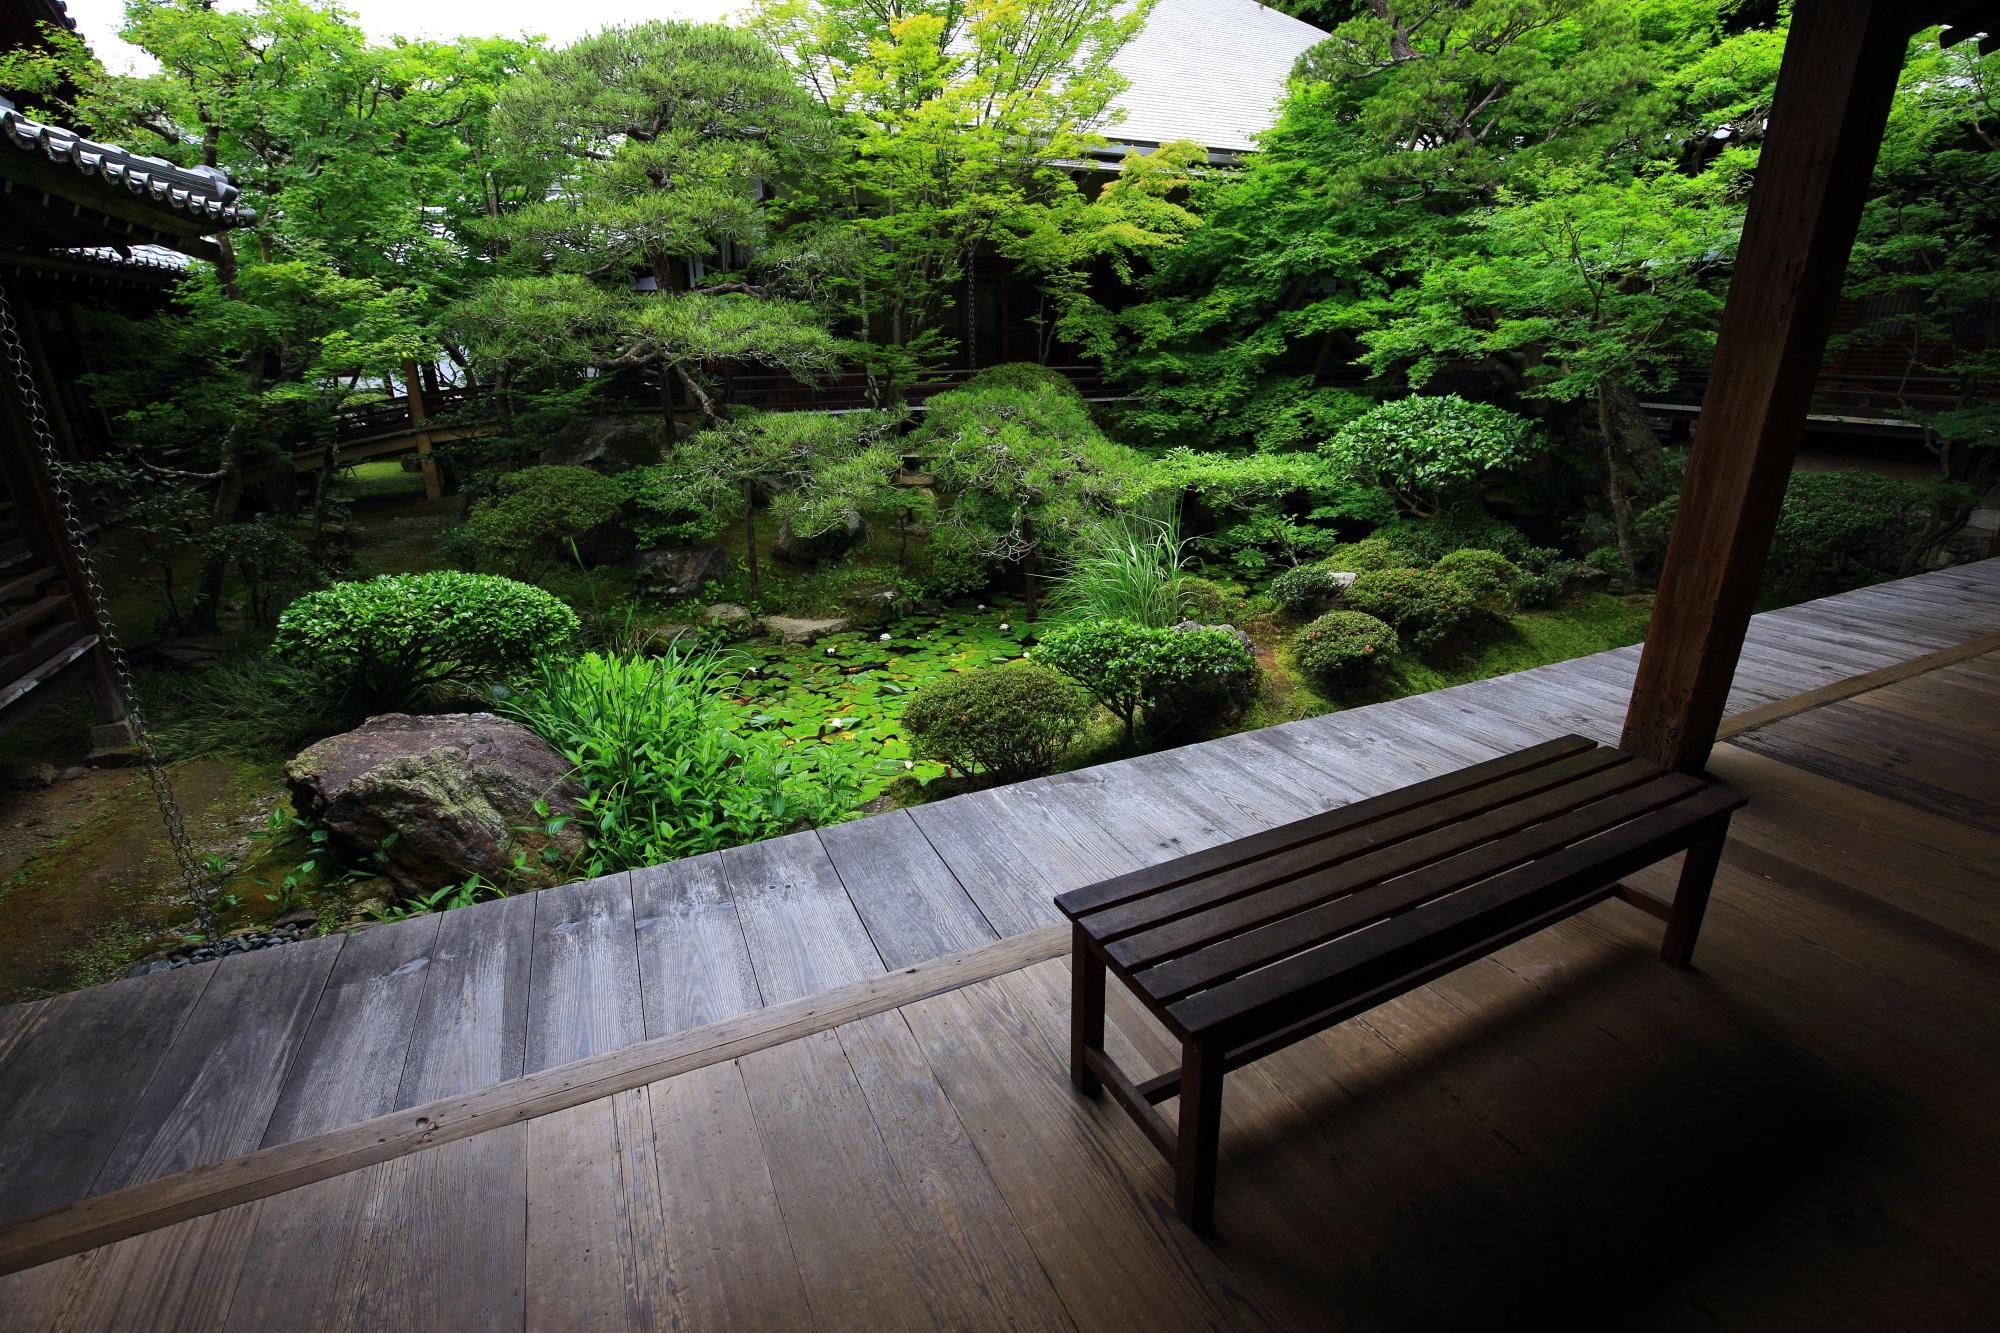 深い緑につつまれた見事な方丈庭園